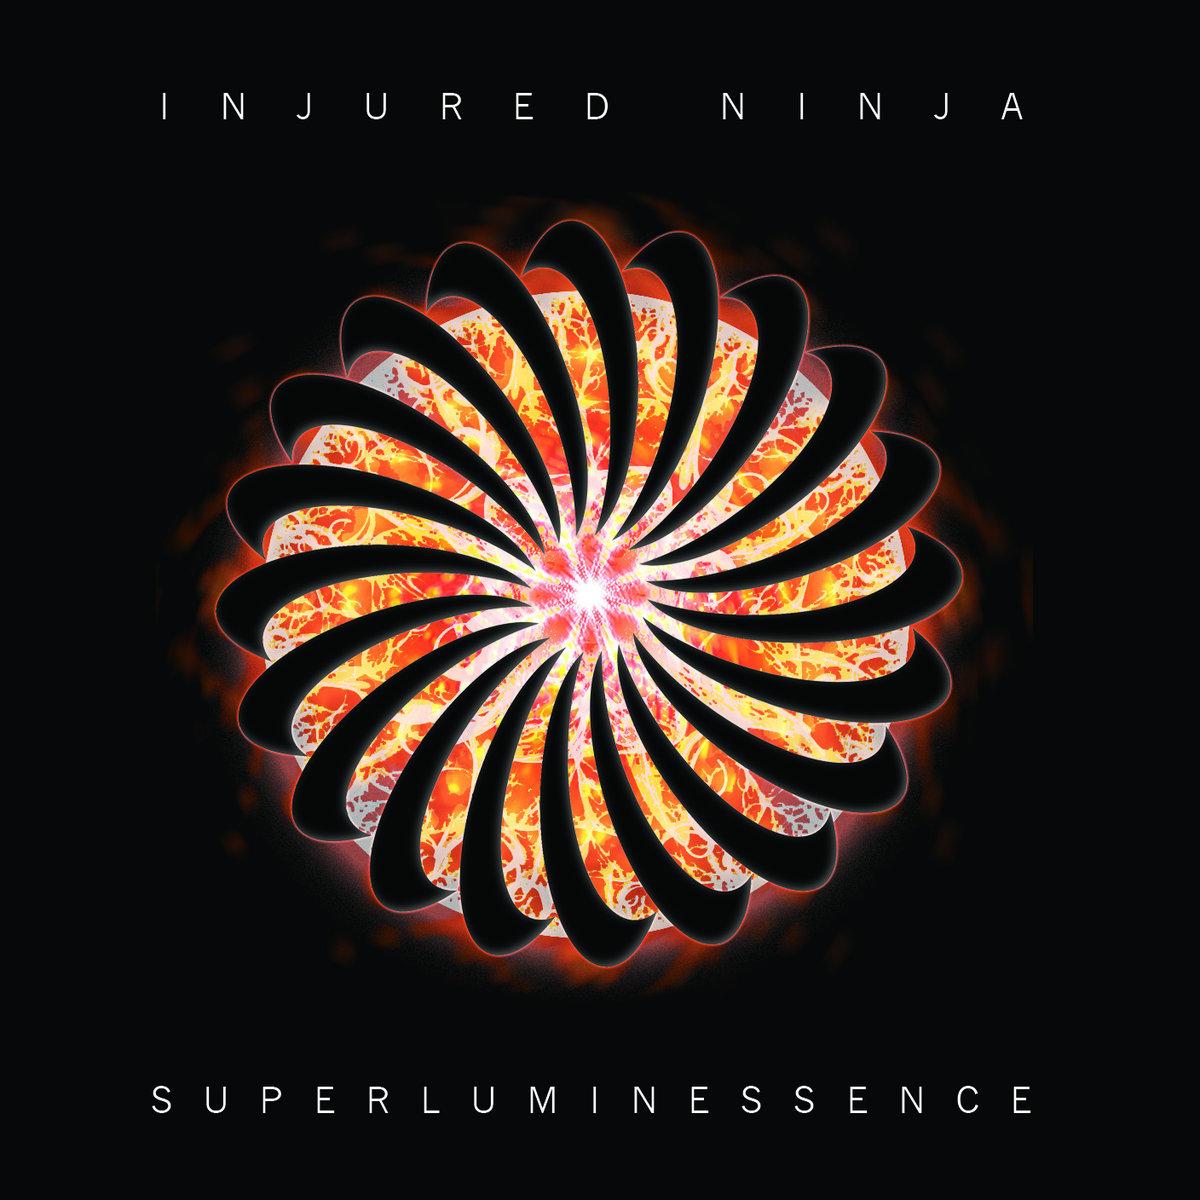 Superluminessence Cover v2.jpg